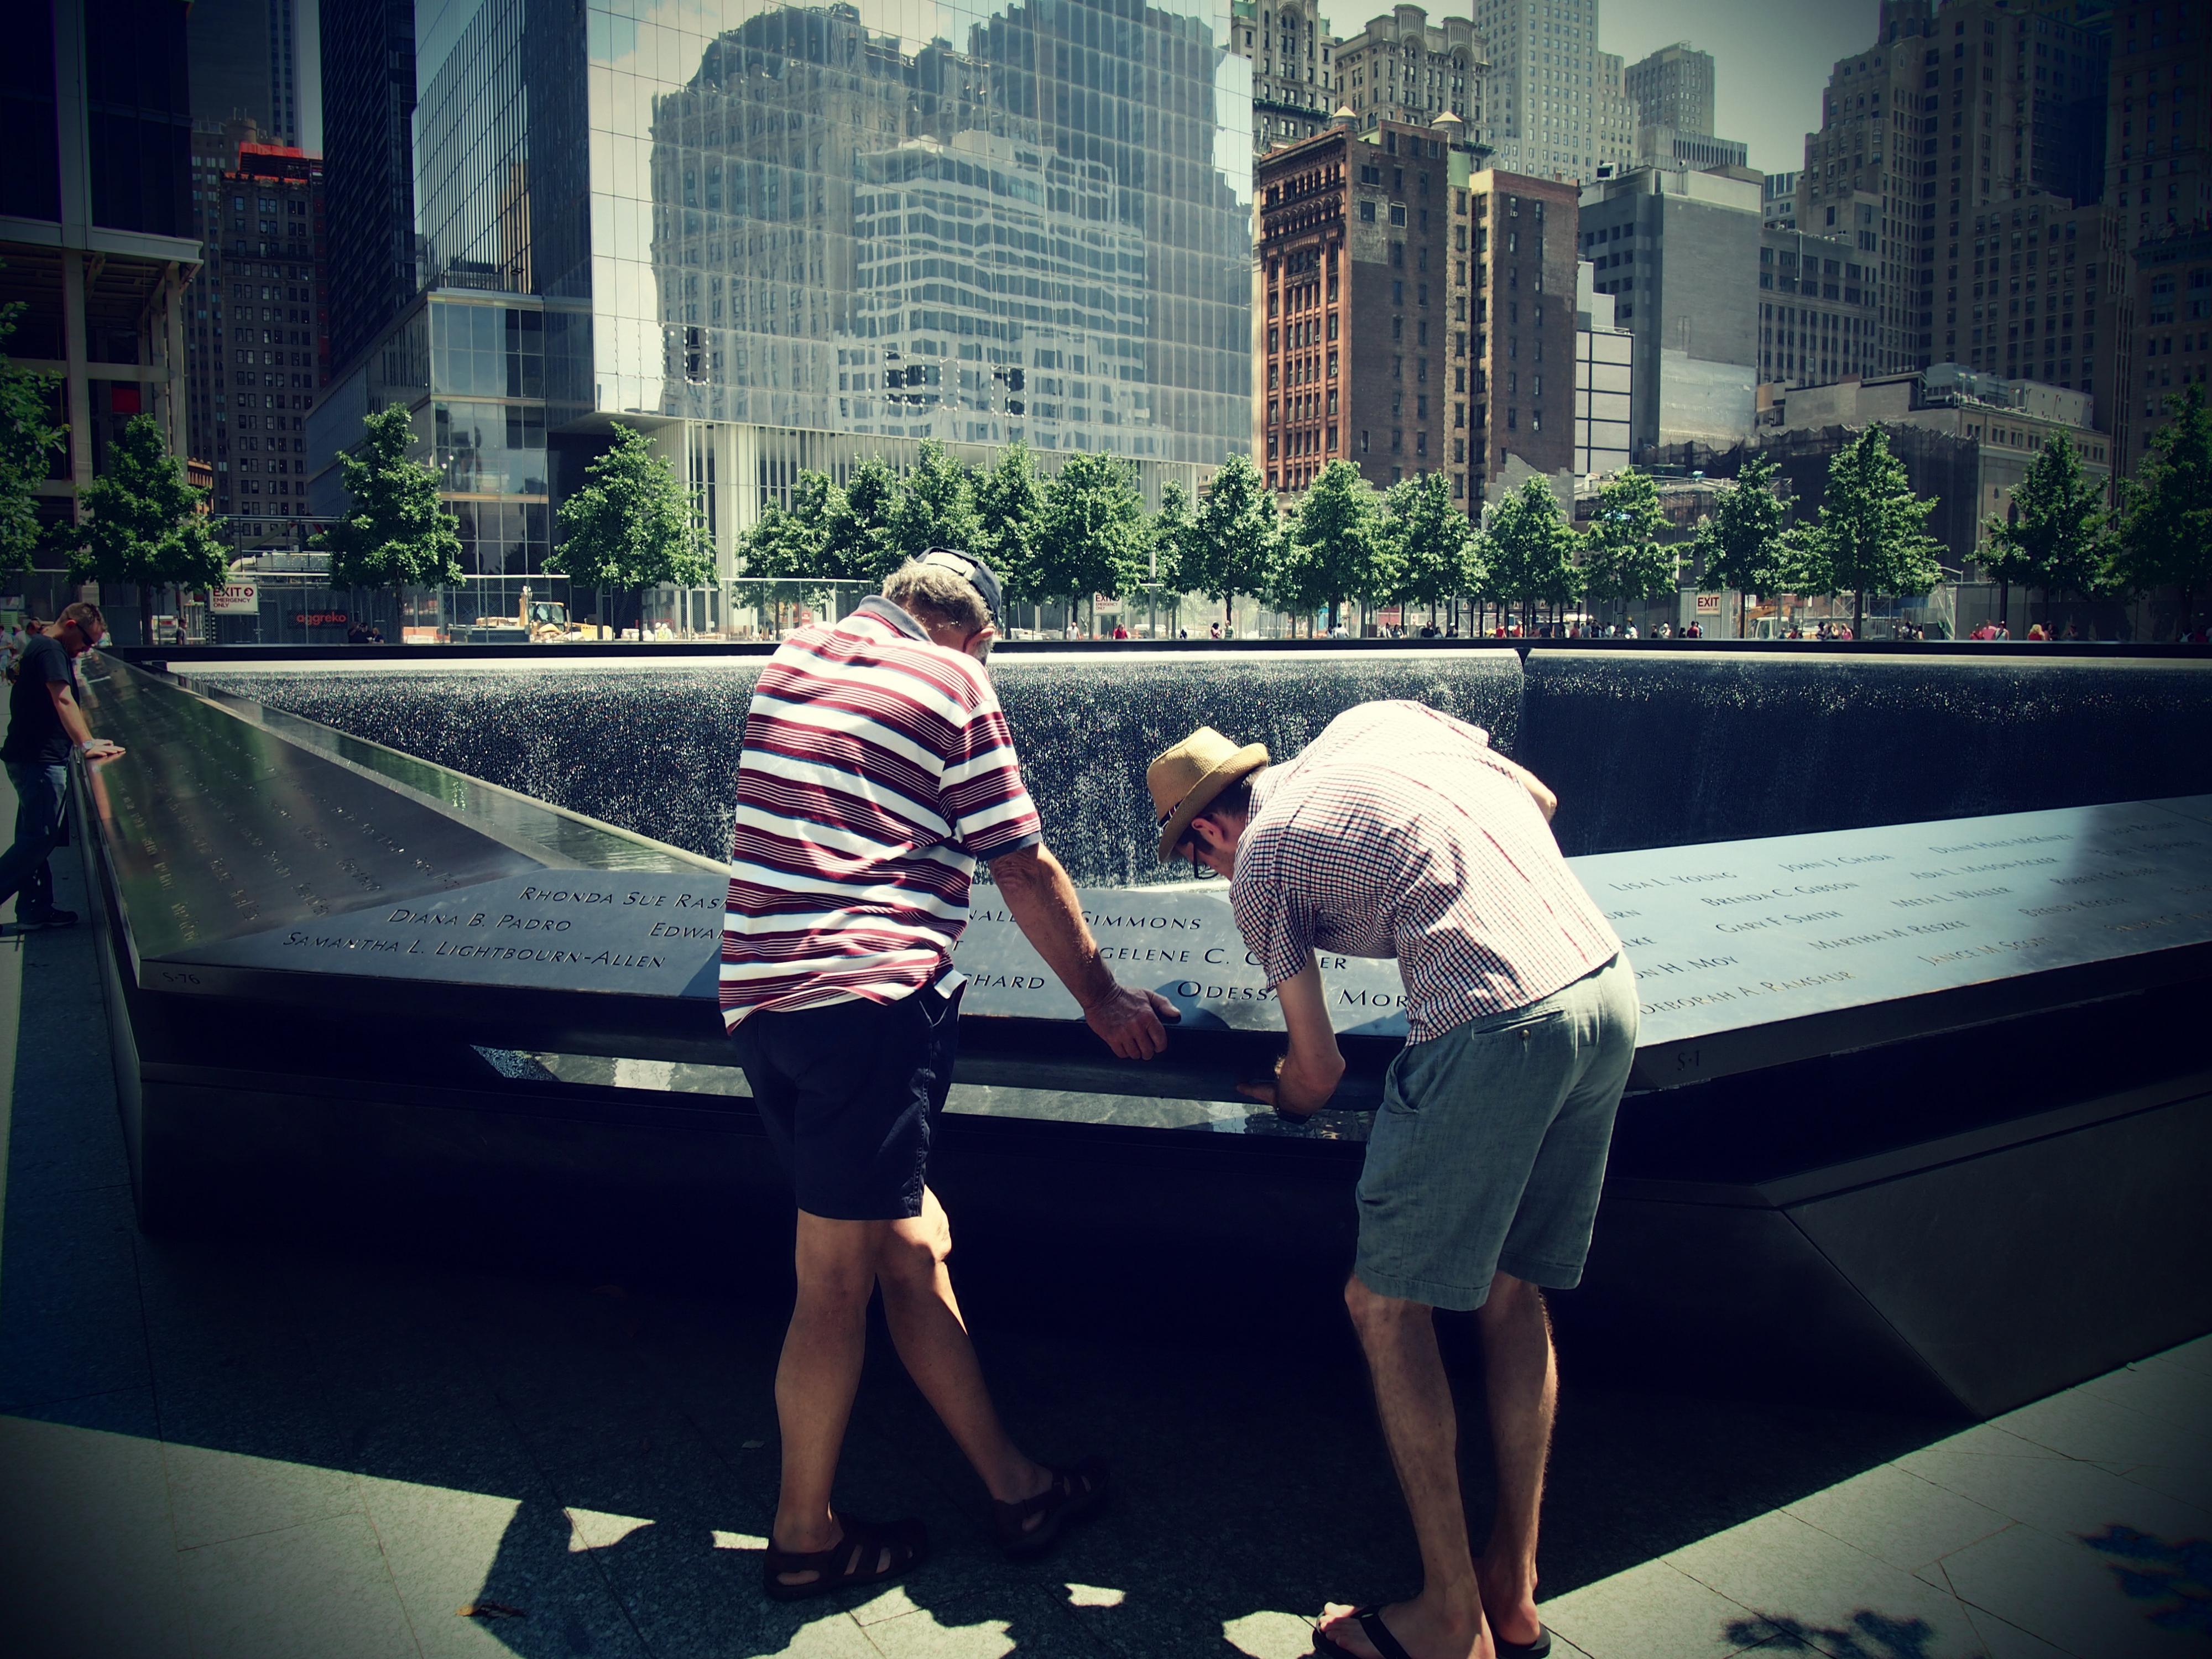 9:11 memorial